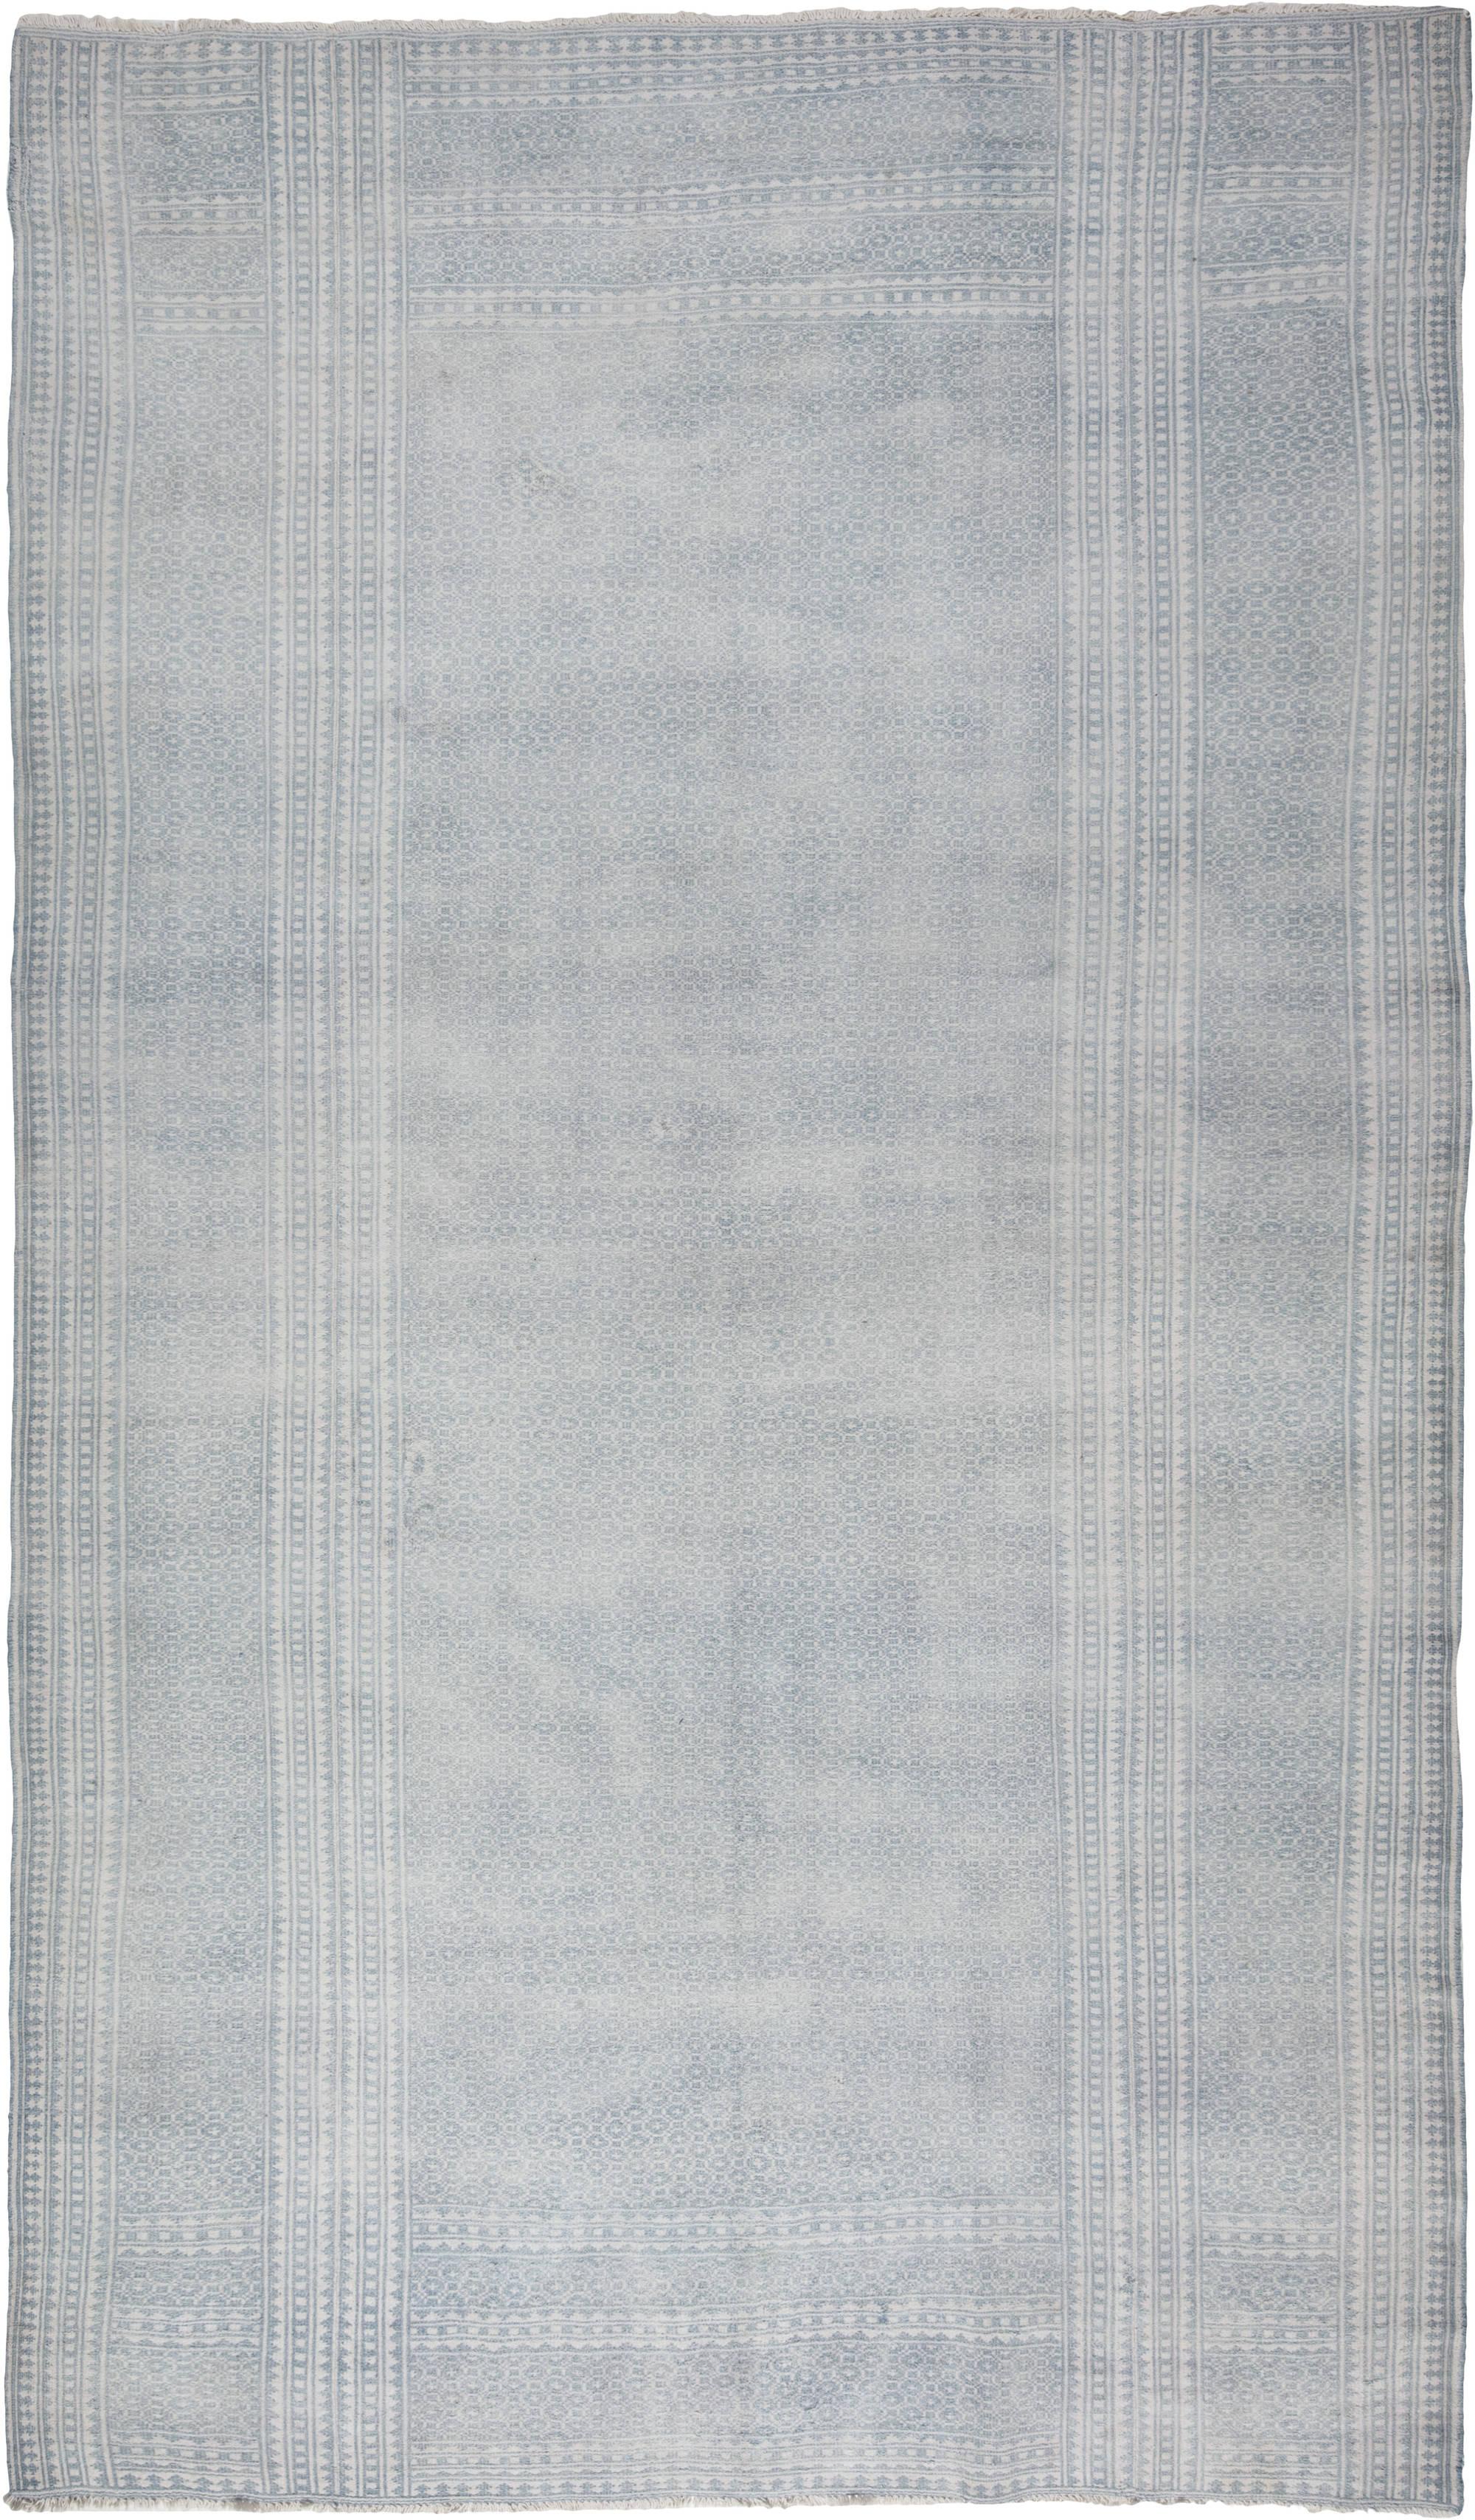 Antique Indian Cotton Flat Weave Carpet BB6529